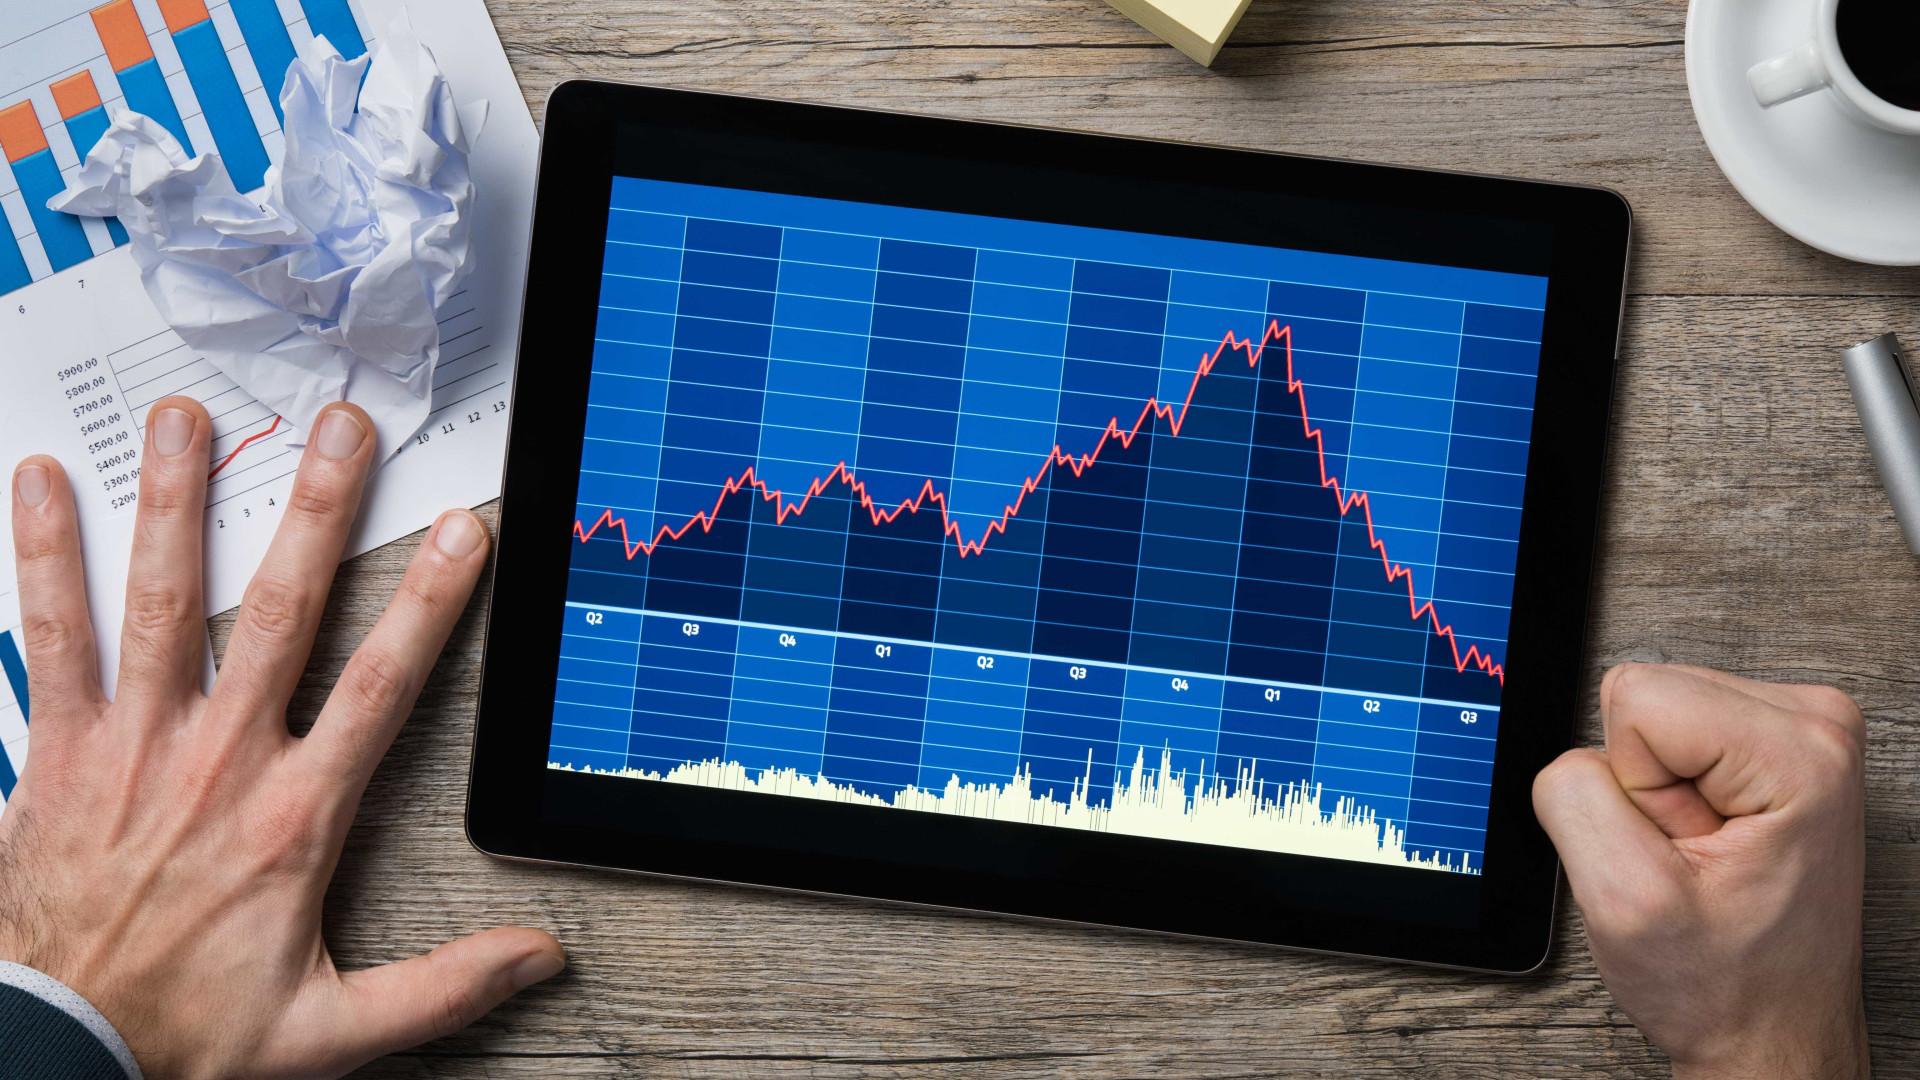 Tecnologias digitais permitem trabalho remoto no mercado financeiro